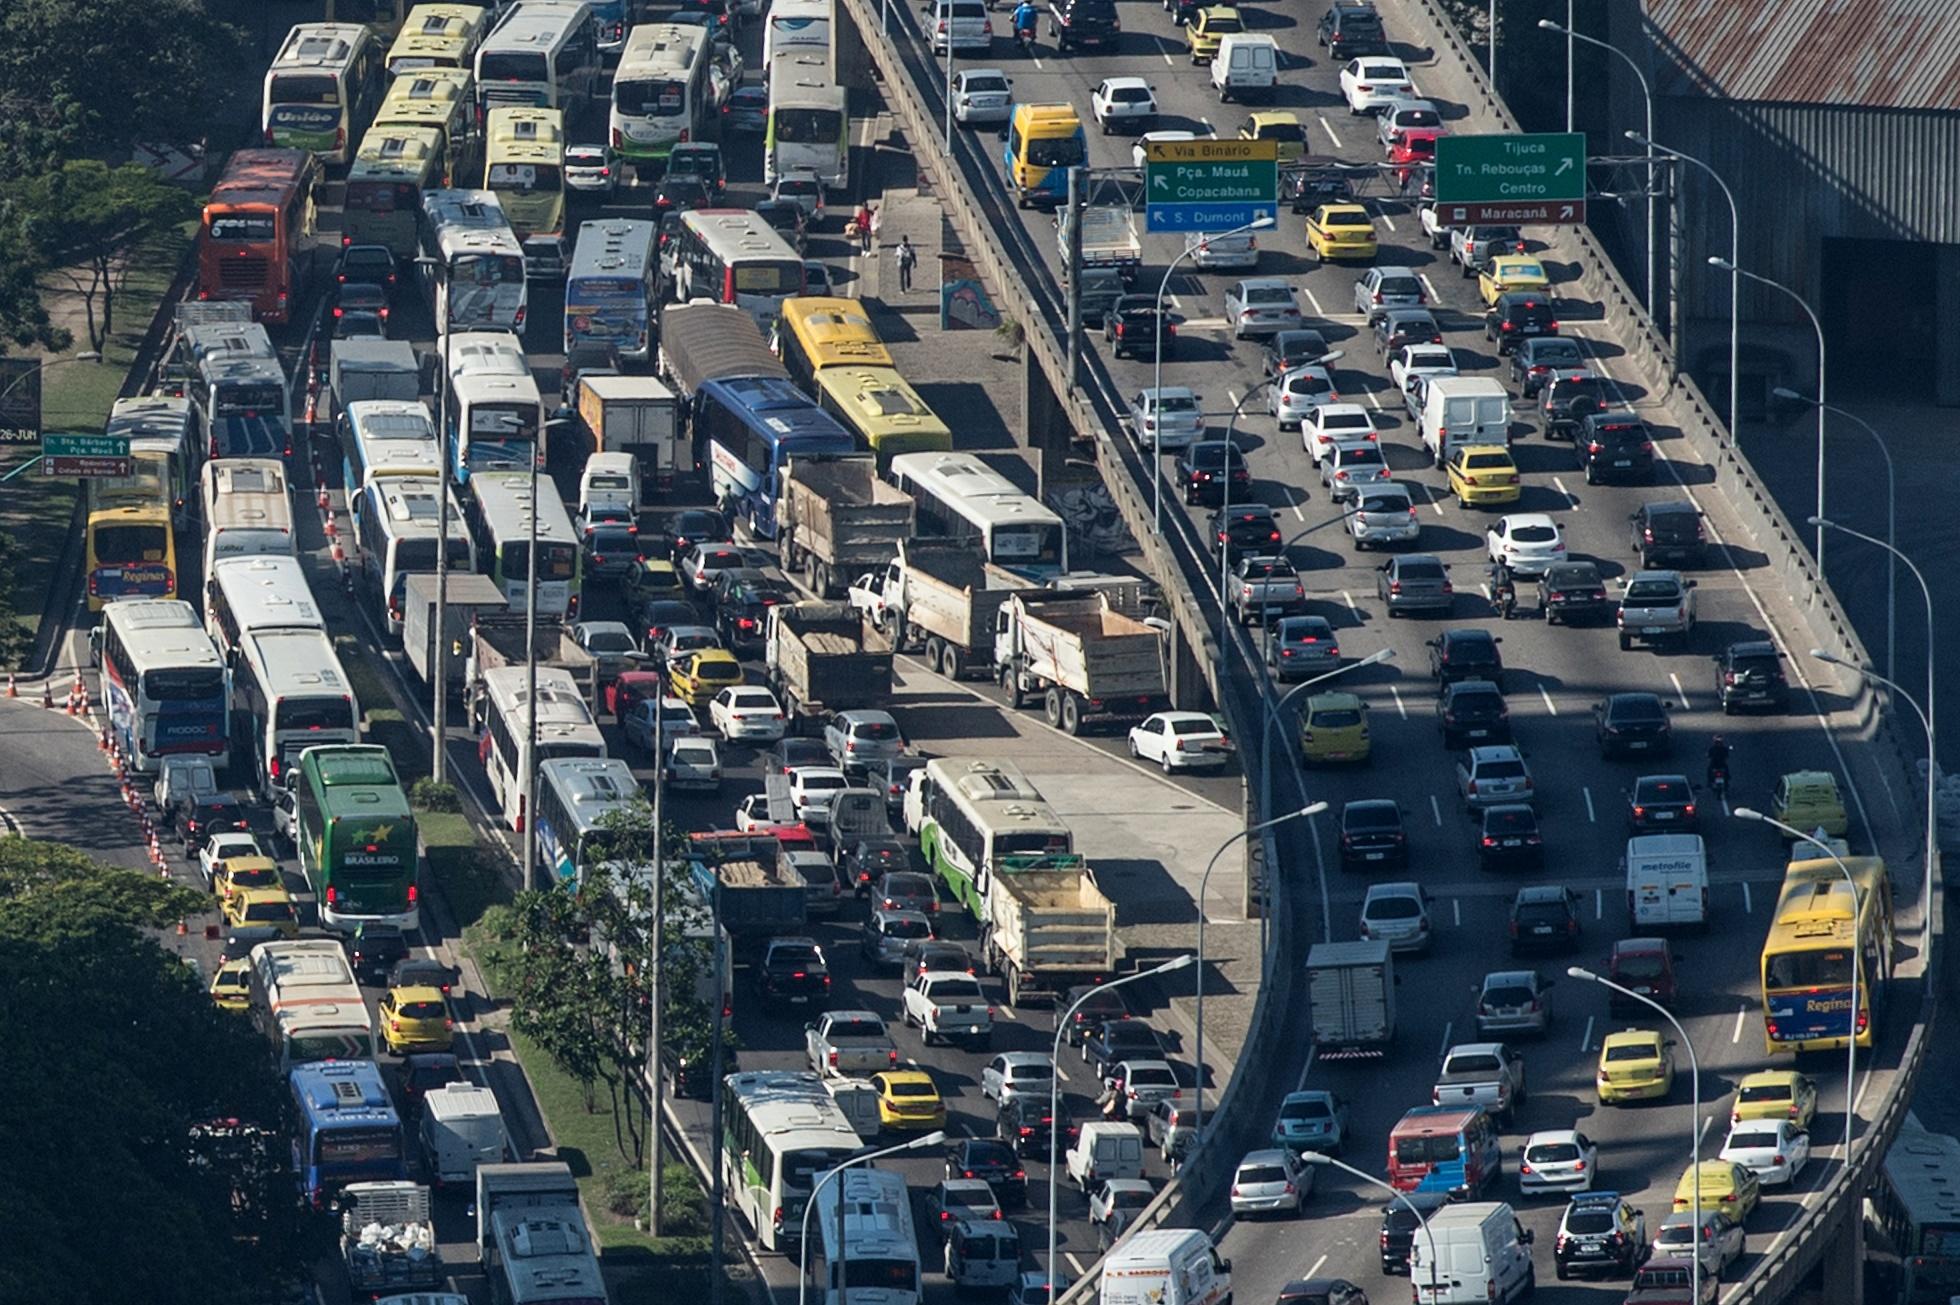 Vista aérea do trânsito no Rio. Pesquisa da Firjan mostrou que Região Metropolitana perdeu R$ 29 bilhões em 2013 devido aos congestionamentos